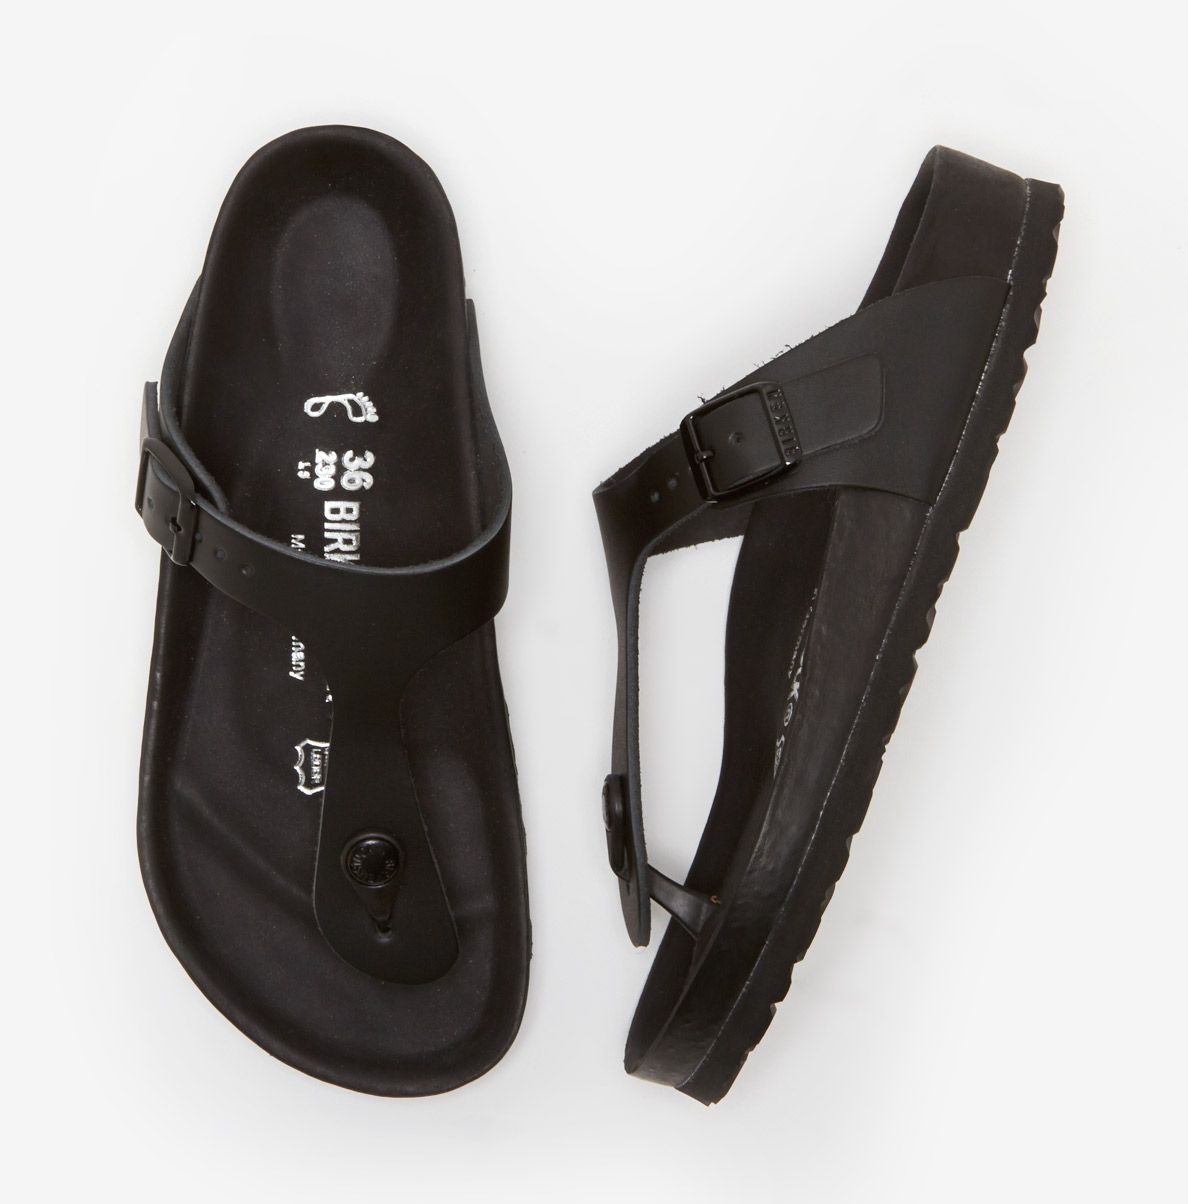 10f35671d7f8 Birkenstock Gizeh Exquisite in Black